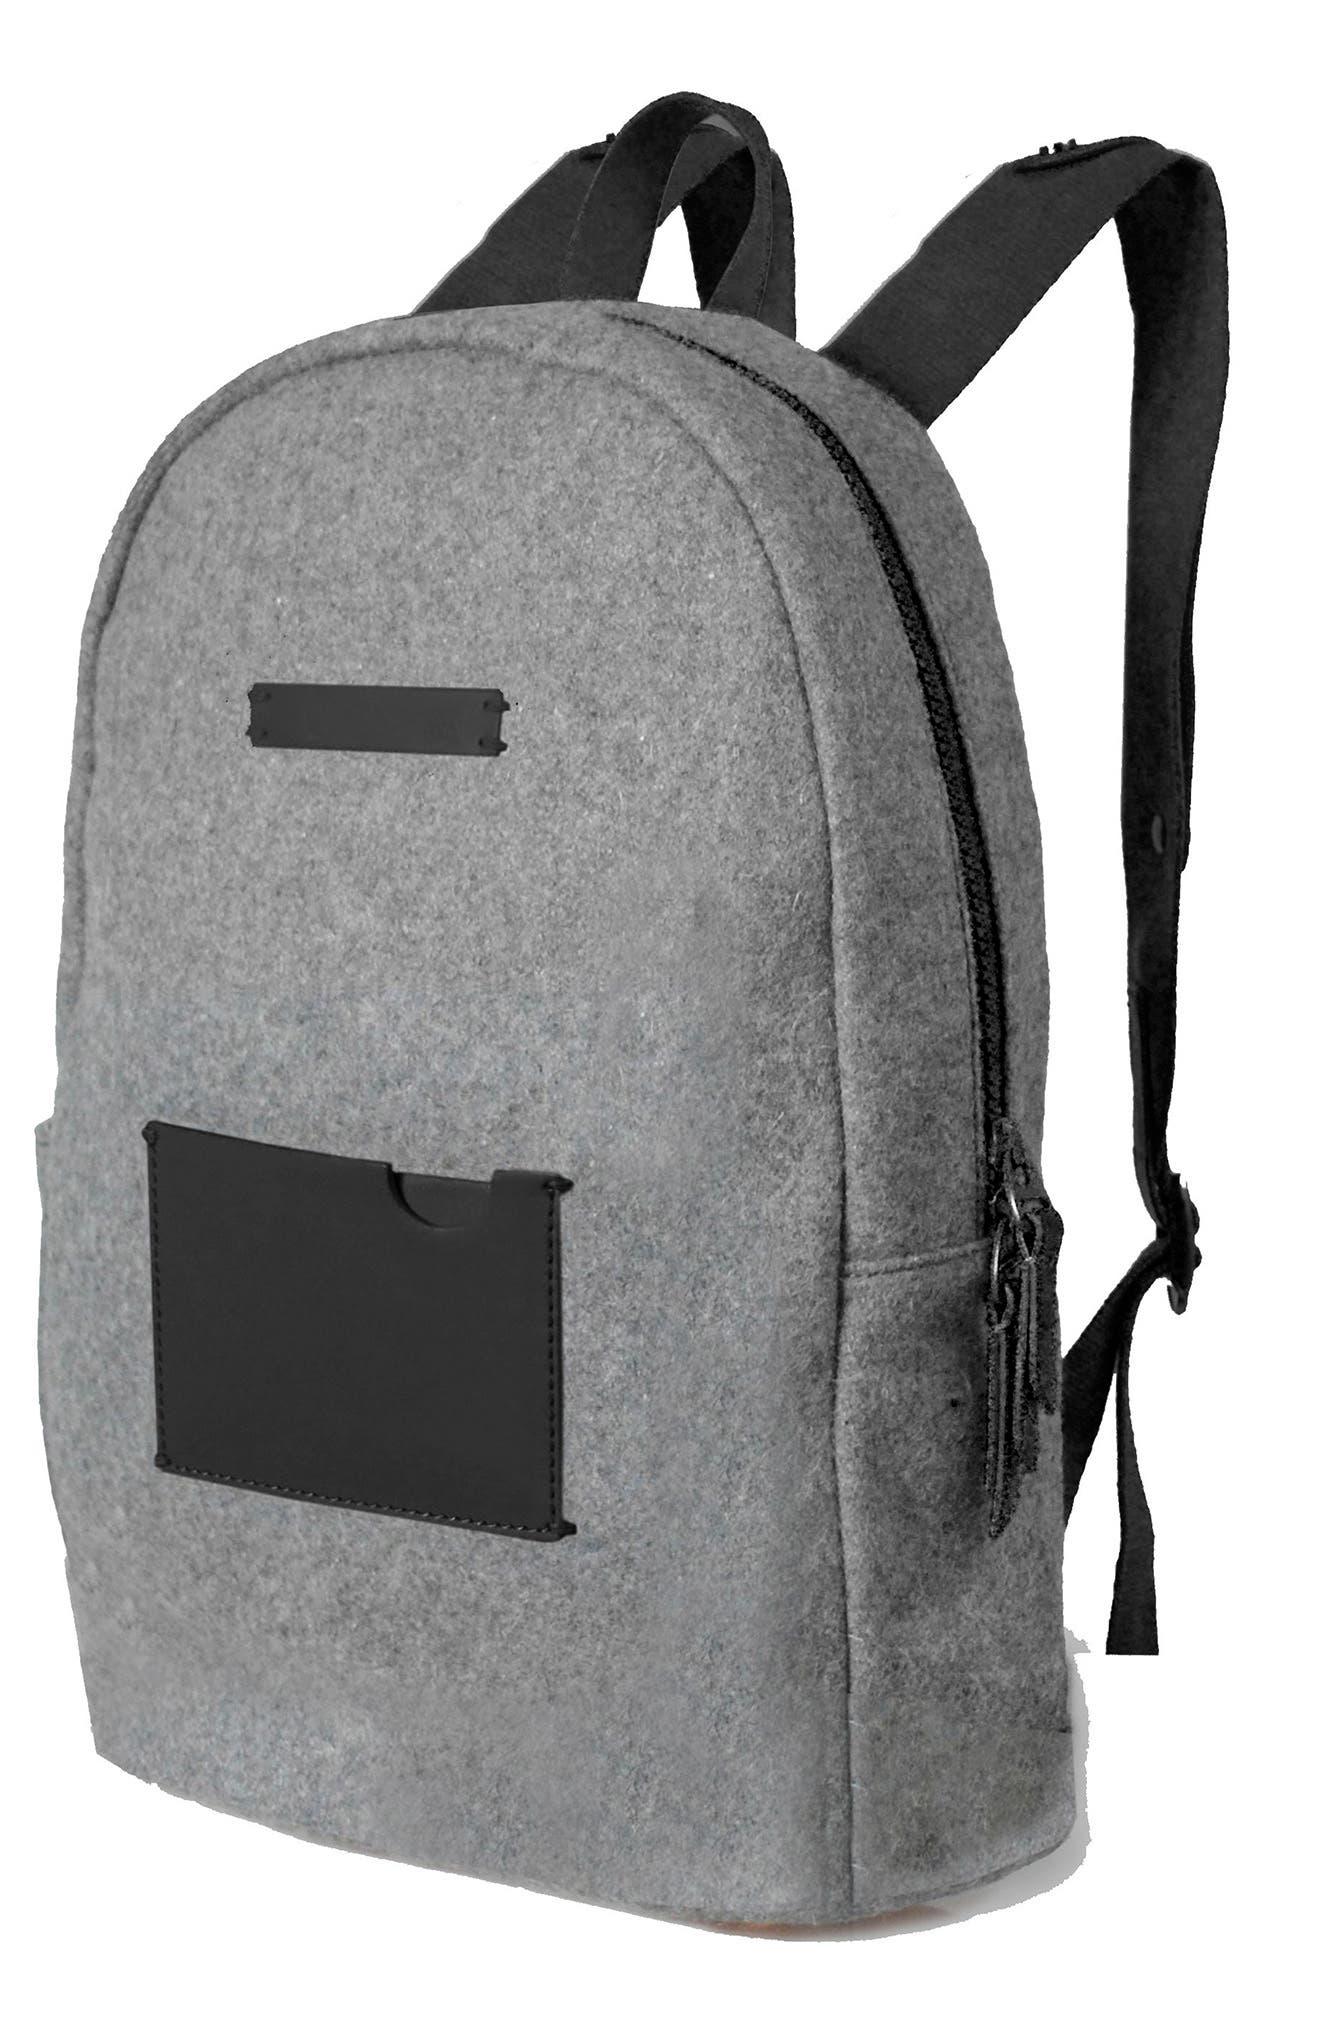 Indie Boiled Wool Backpack,                             Alternate thumbnail 4, color,                             Slate